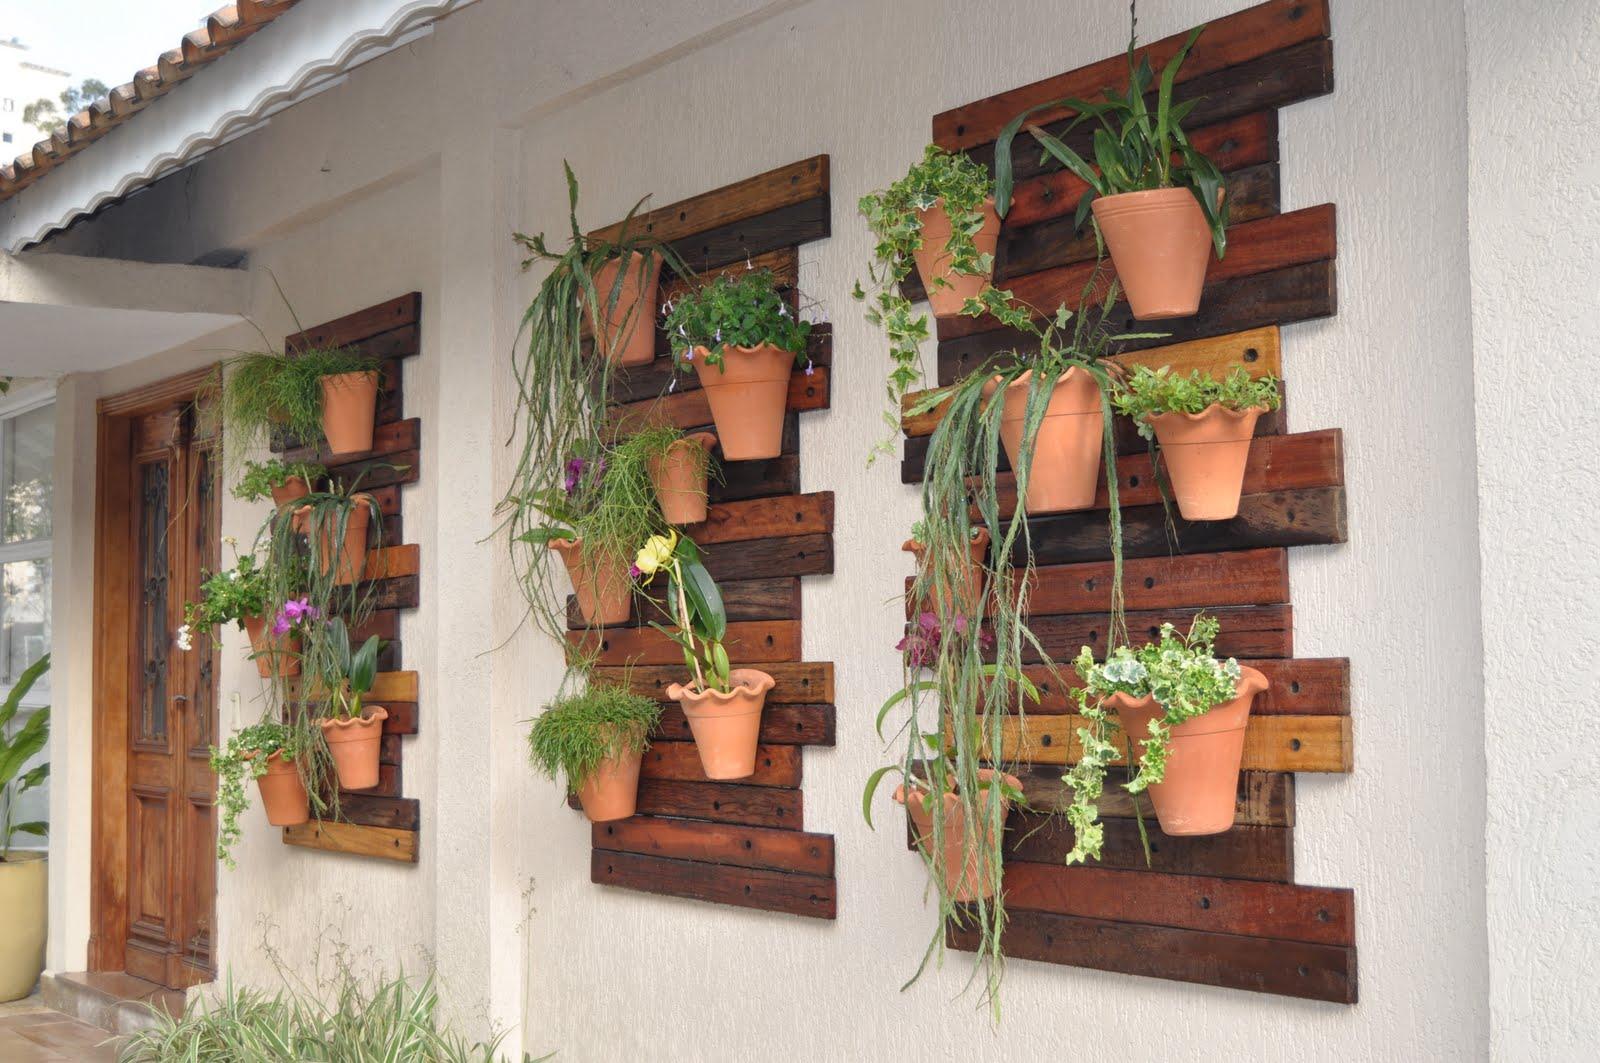 grade de jardim vertical : grade de jardim vertical:inspiração e diversão: jardim vertical